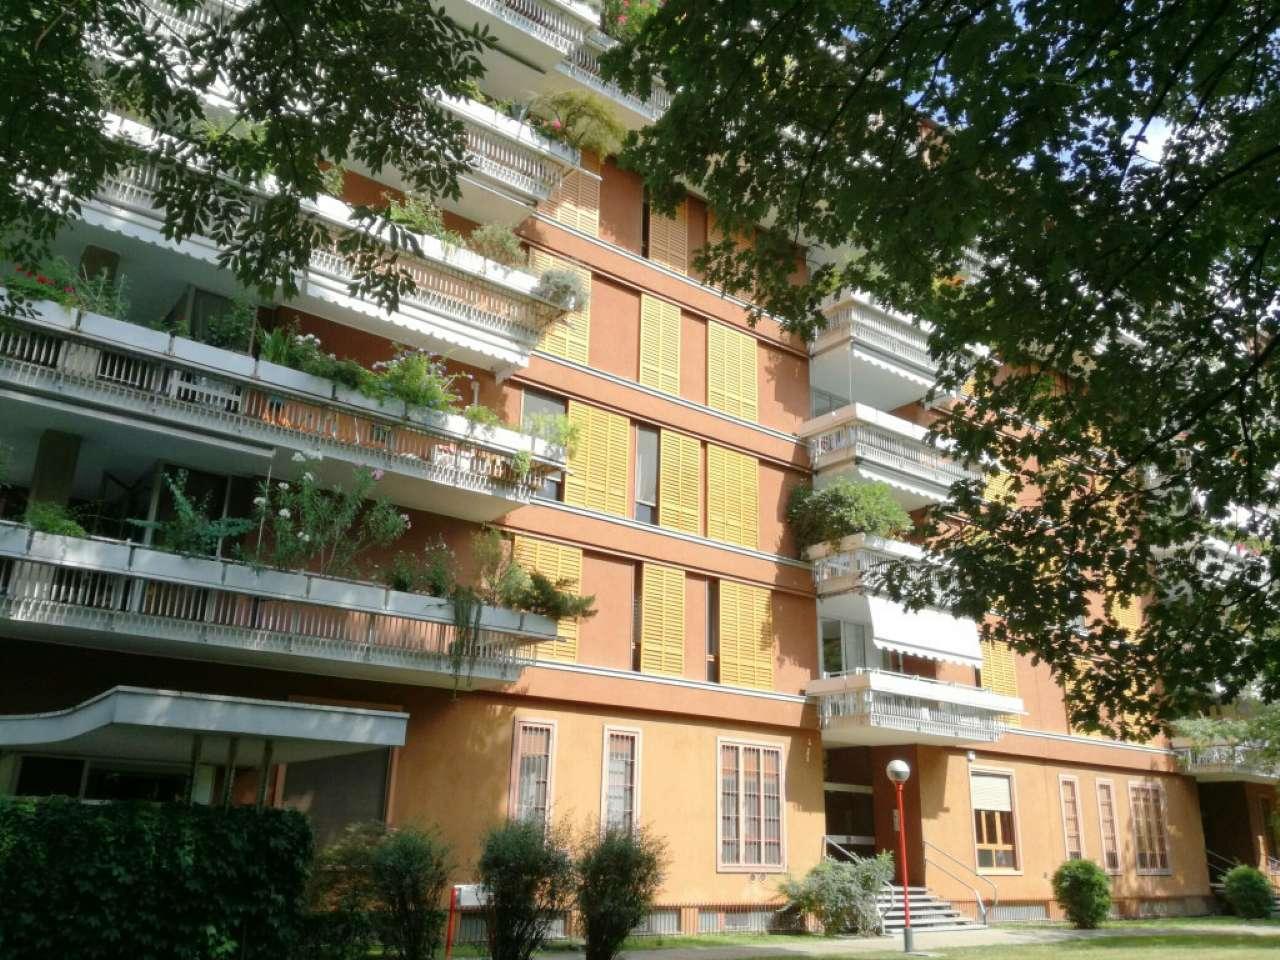 Appartamento in Vendita a Segrate: 2 locali, 63 mq - Foto 1